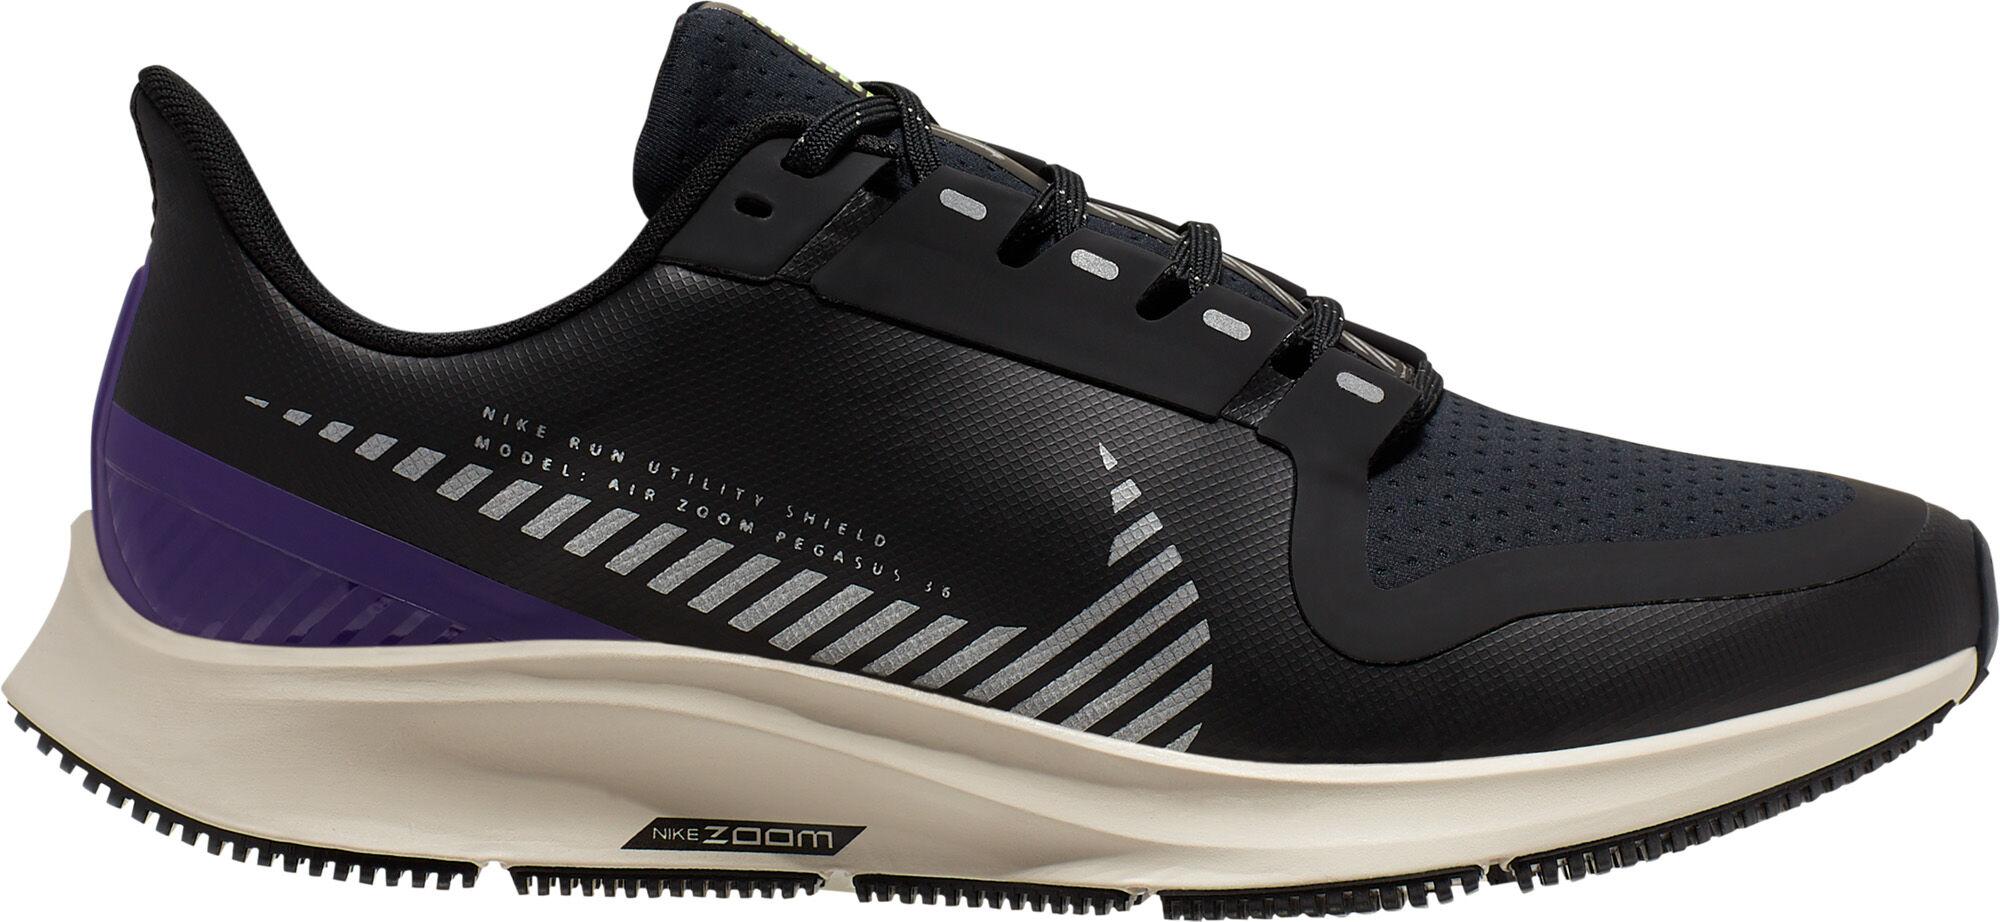 Dames Sportschoenen kopen? Bekijk alle top merken » Intersport